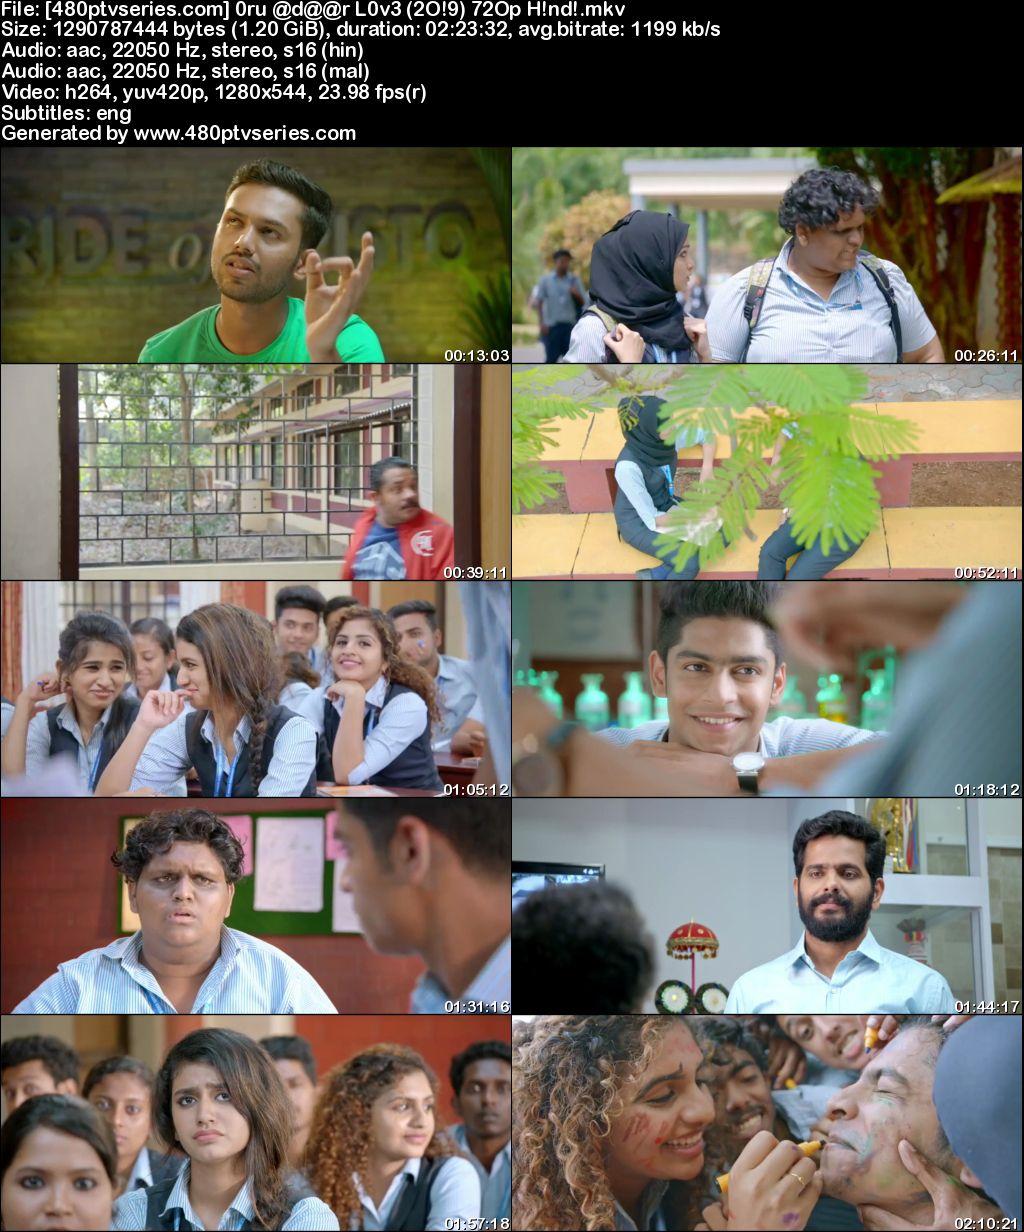 Download Oru Adaar Love (2019) Full Hindi Dual Audio Movie Download 720p HDRip Free Watch Online Full Movie Download Worldfree4u 9xmovies